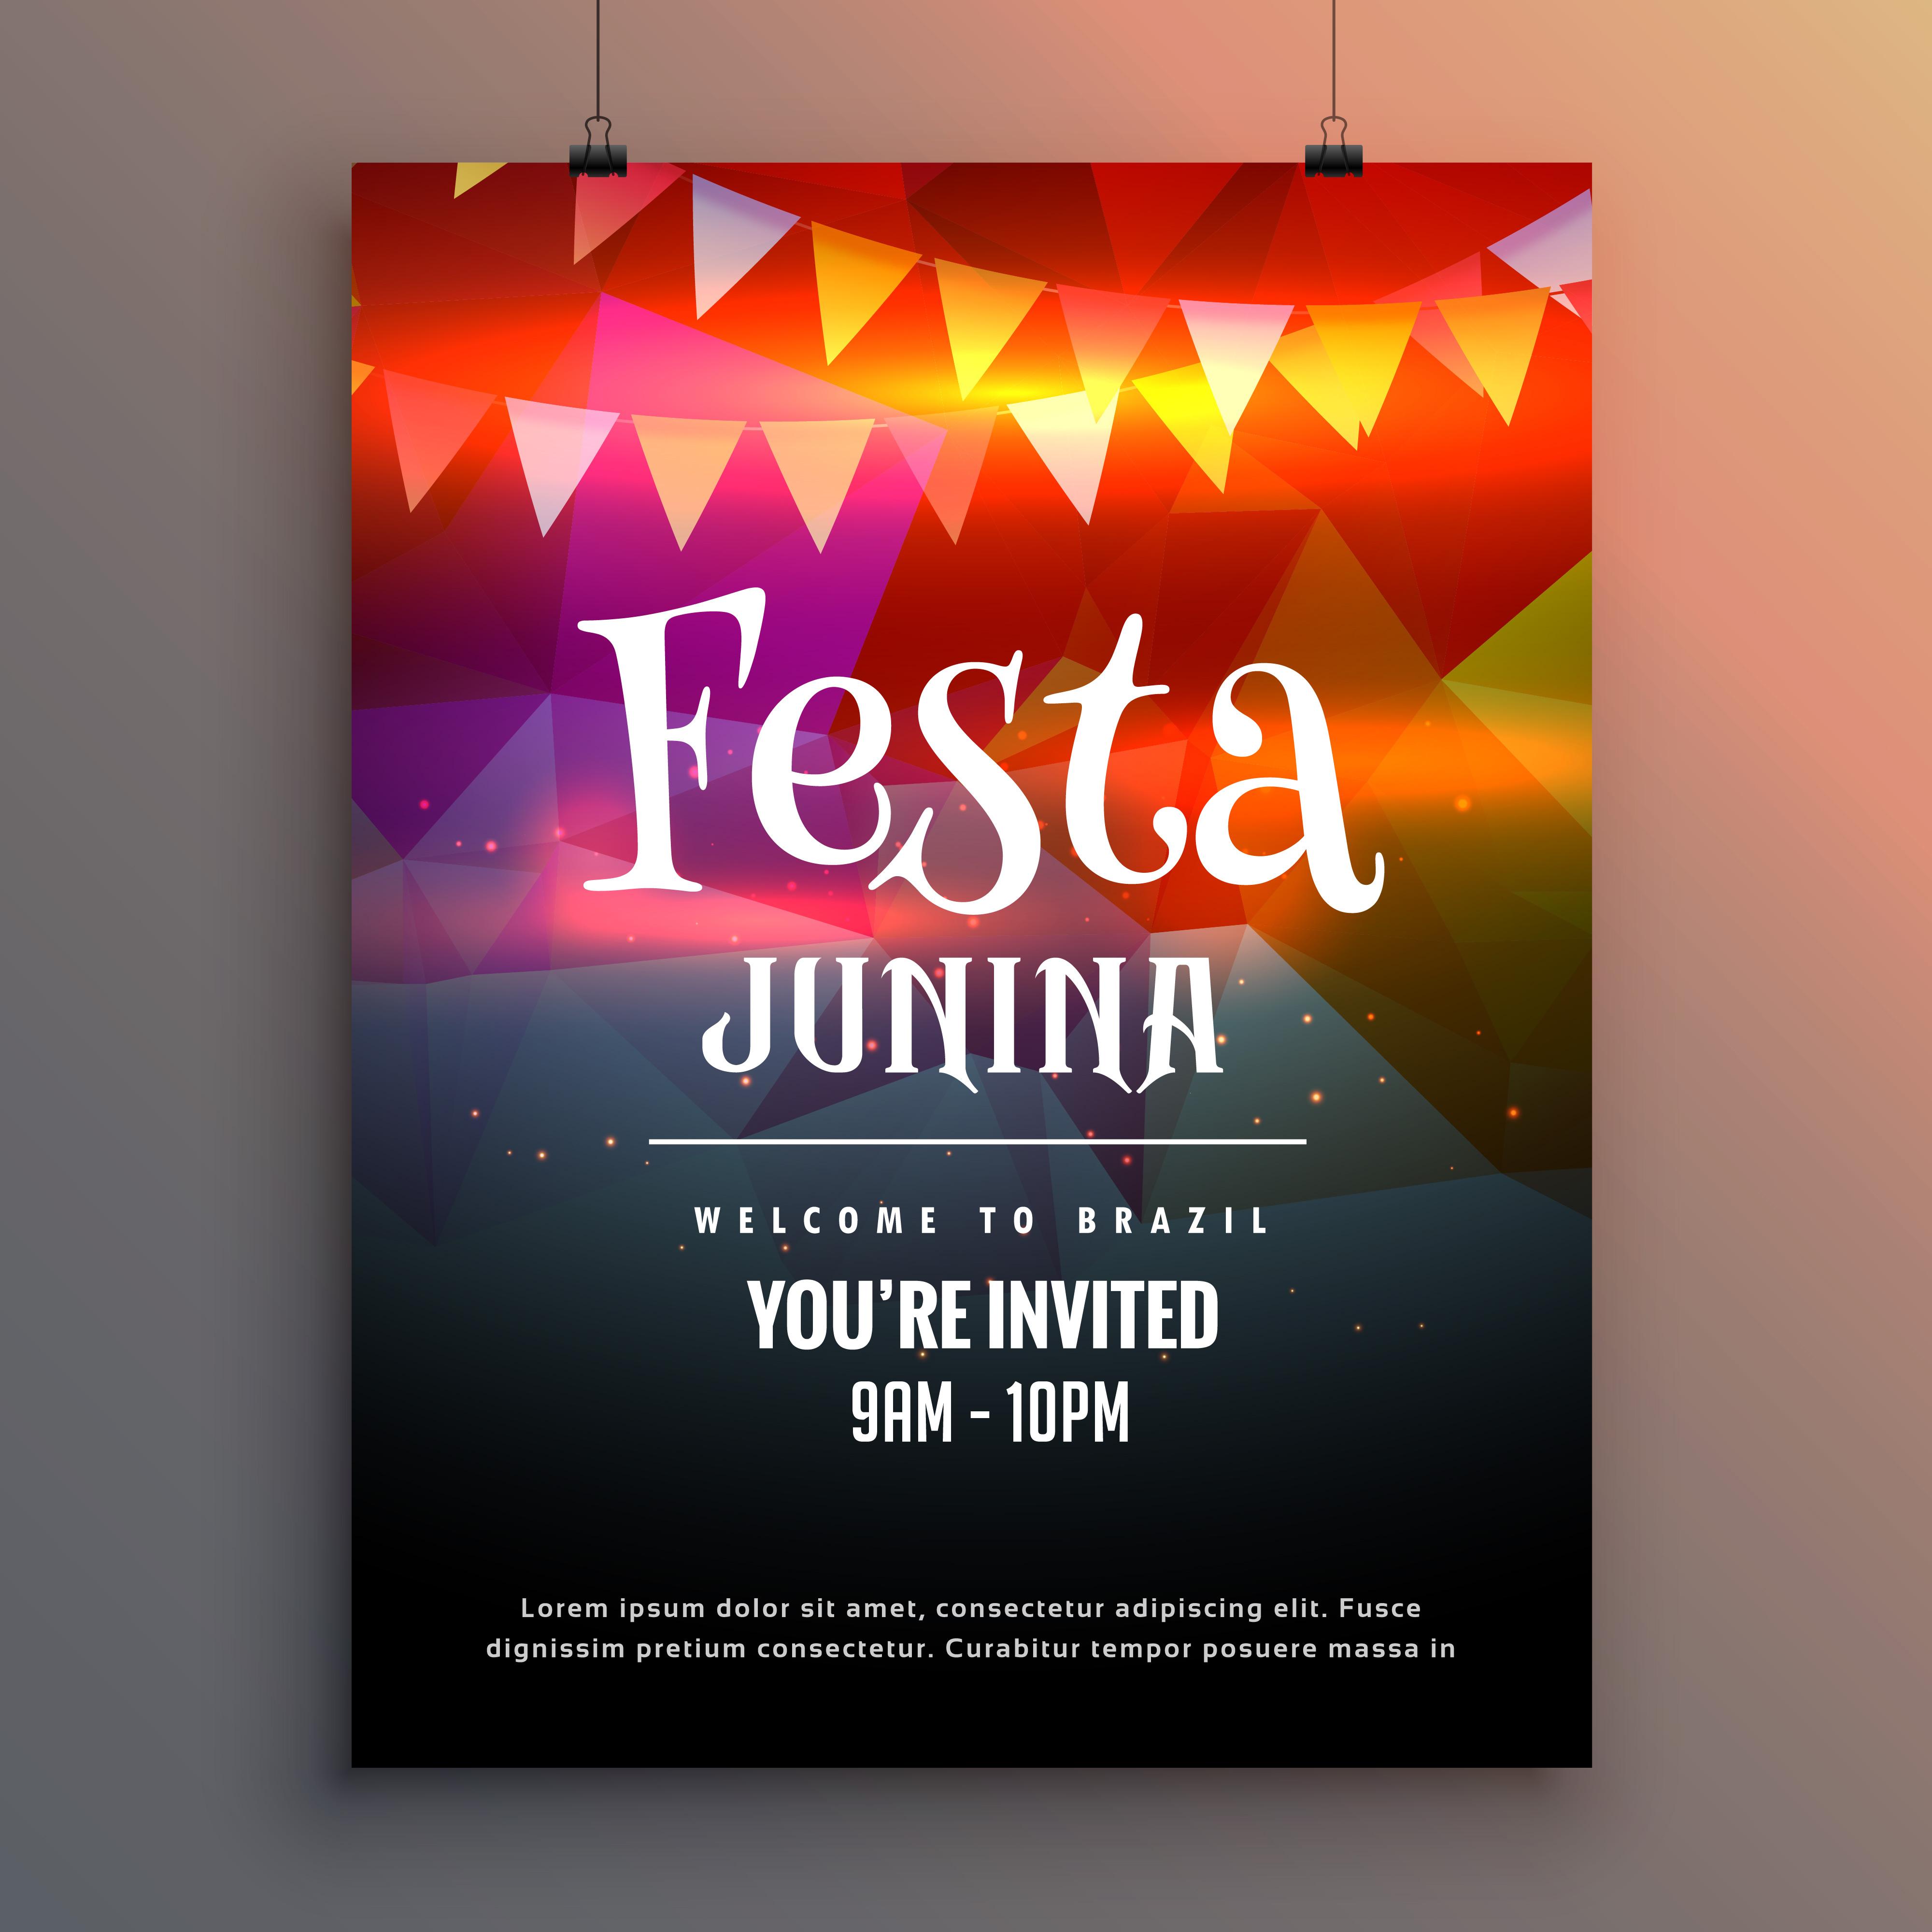 Festa Junina Party Invitation Flyer Design Template